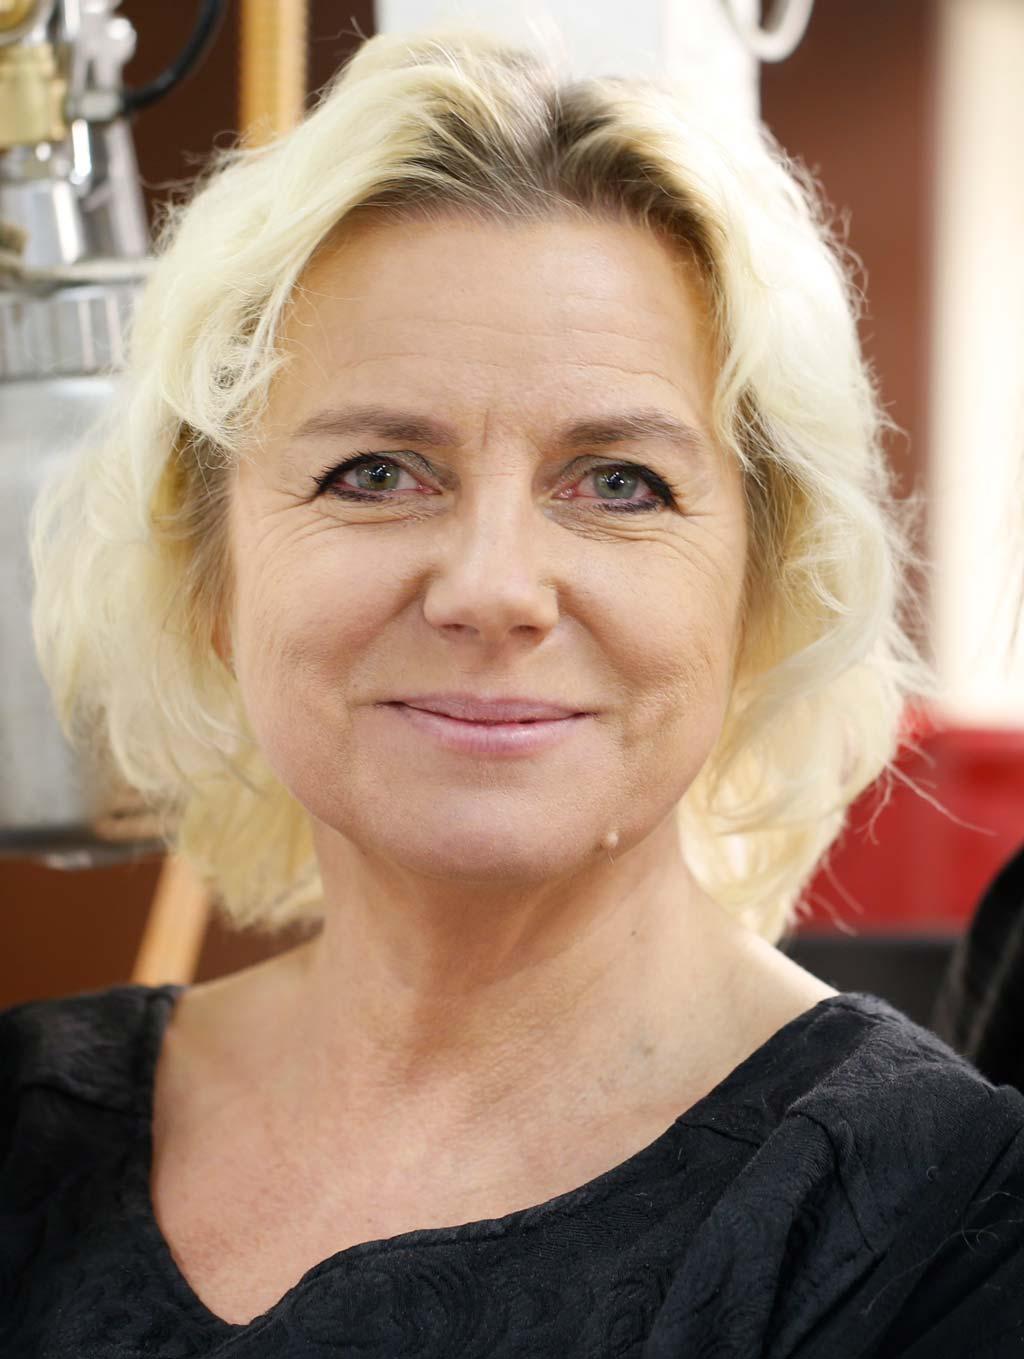 solja_foto-micke-rutberg_WEBB